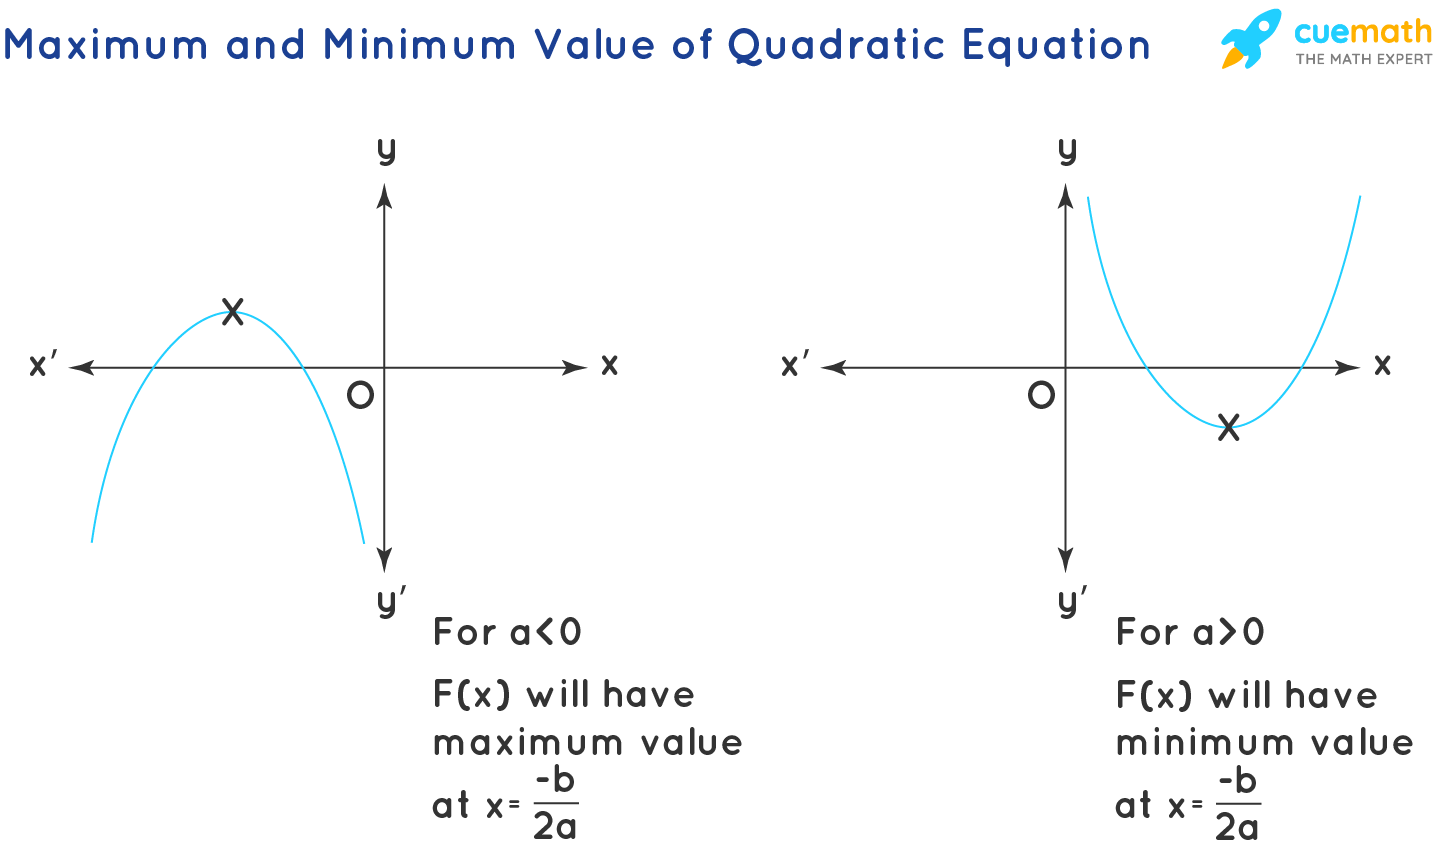 Maximum and Minimum Value of Quadratic Equation